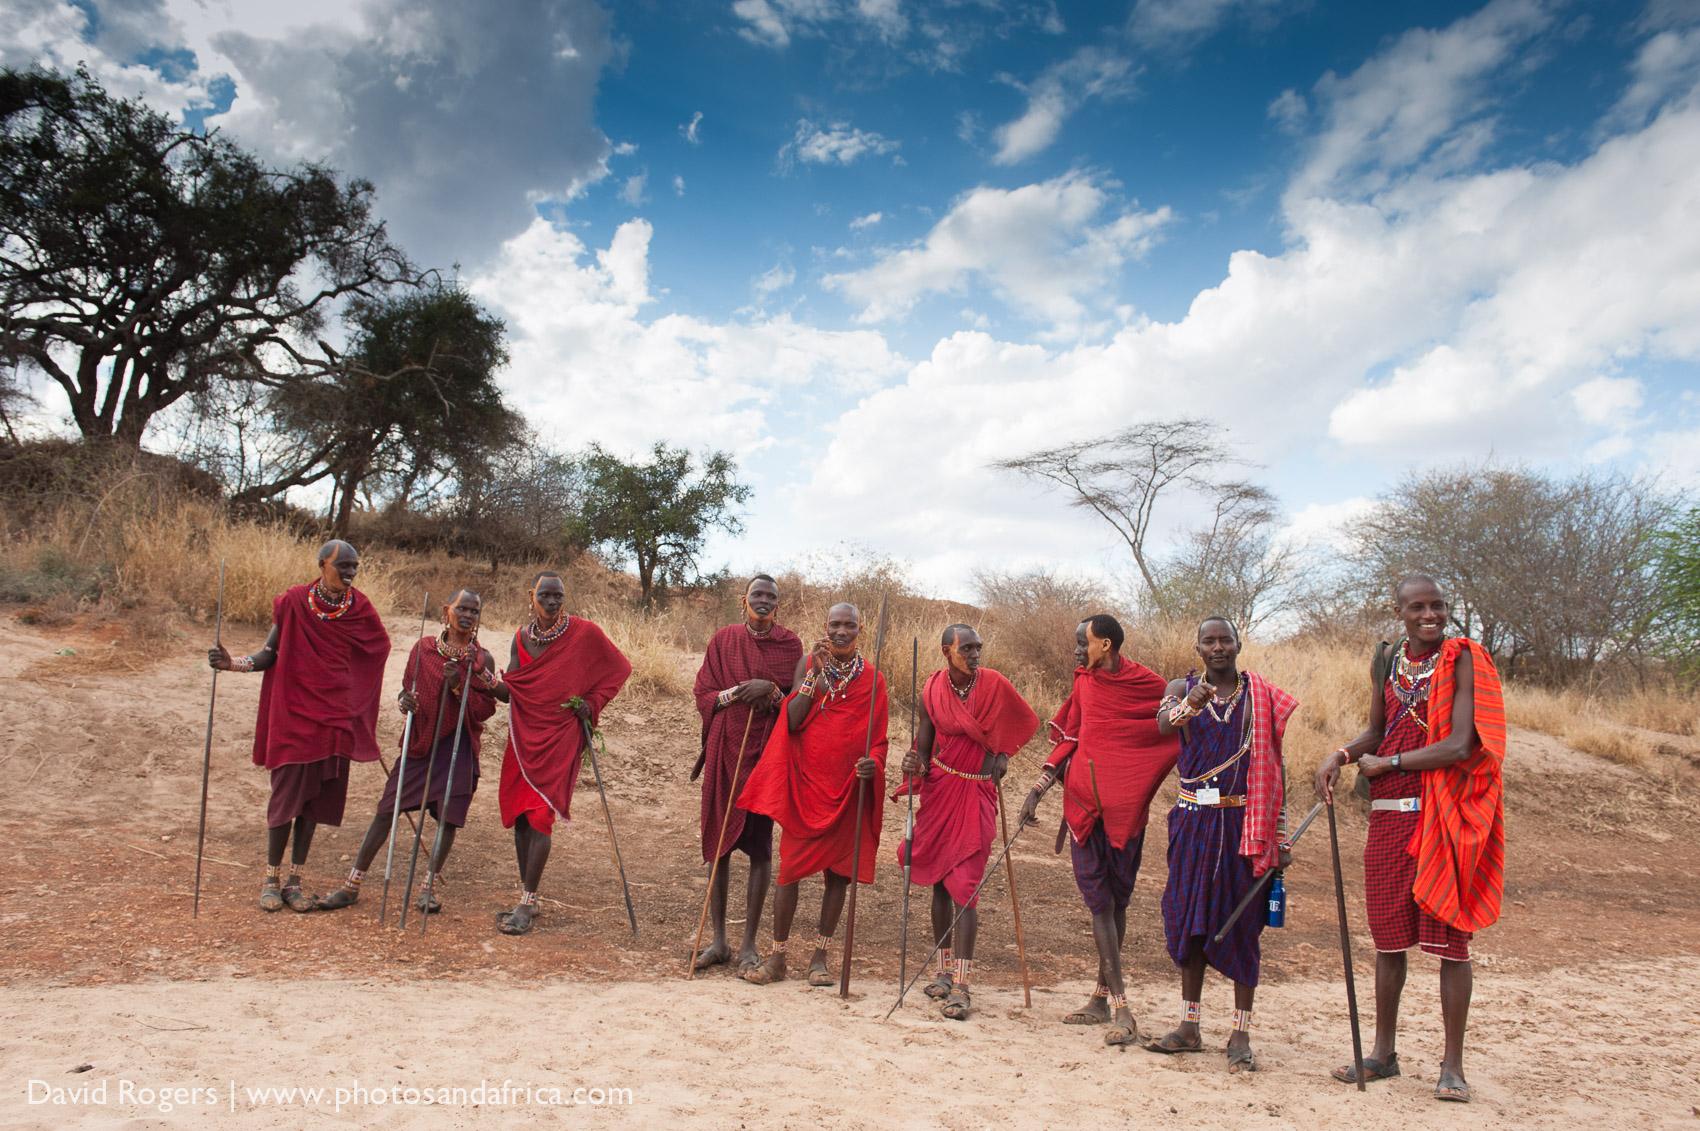 Masai in Selenkay Conservation area, Amboseli